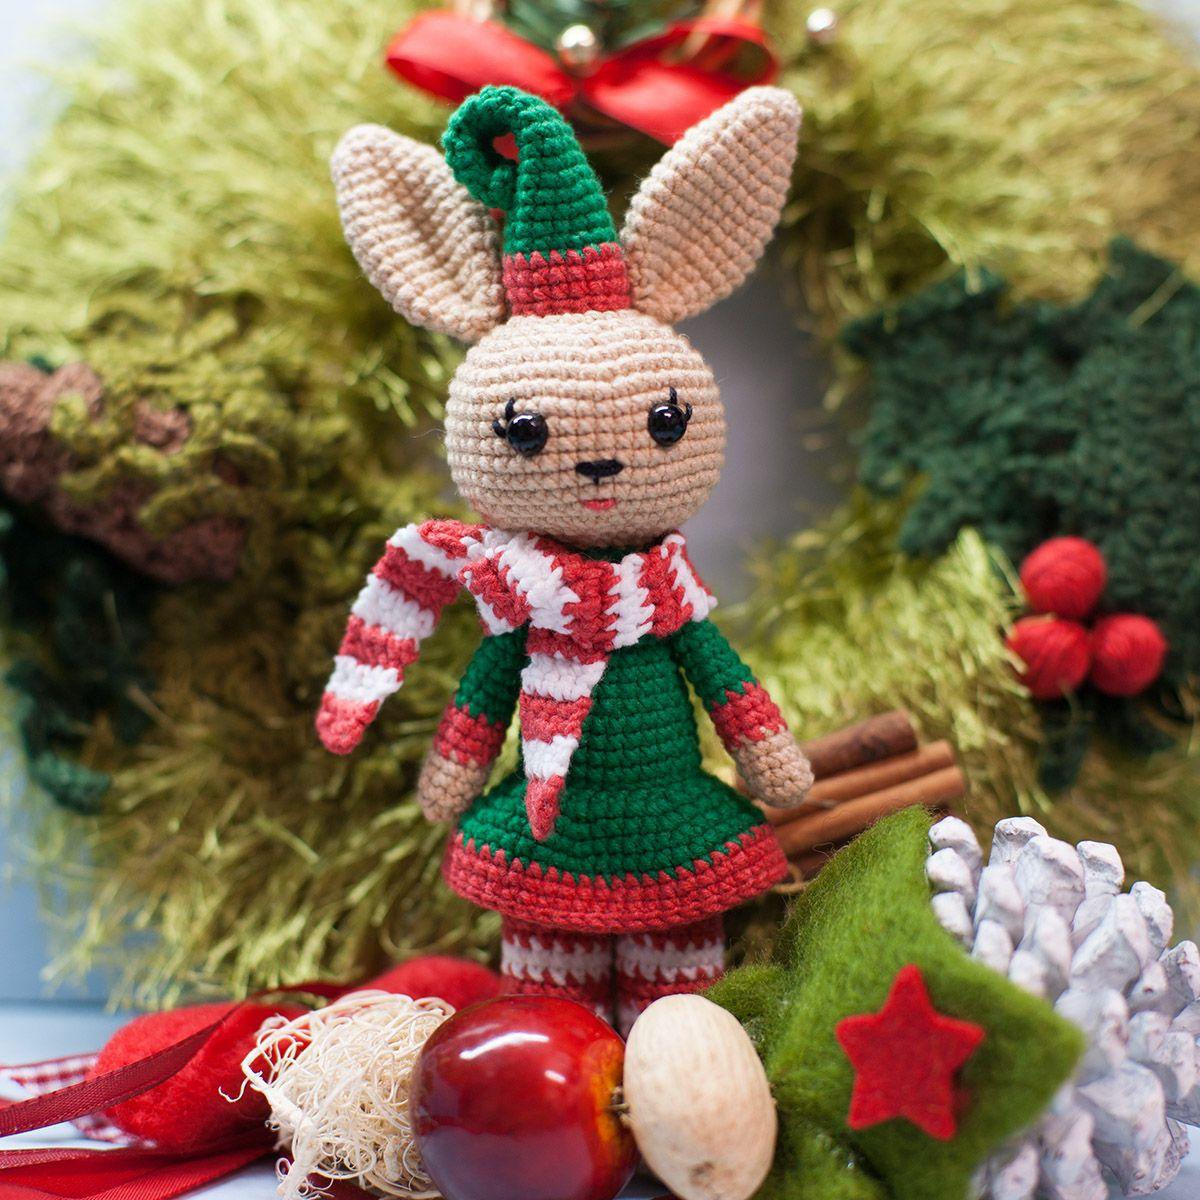 Amigurumi Bunny Free Pattern #amigurumi #amigurumipattern ...   1200x1200